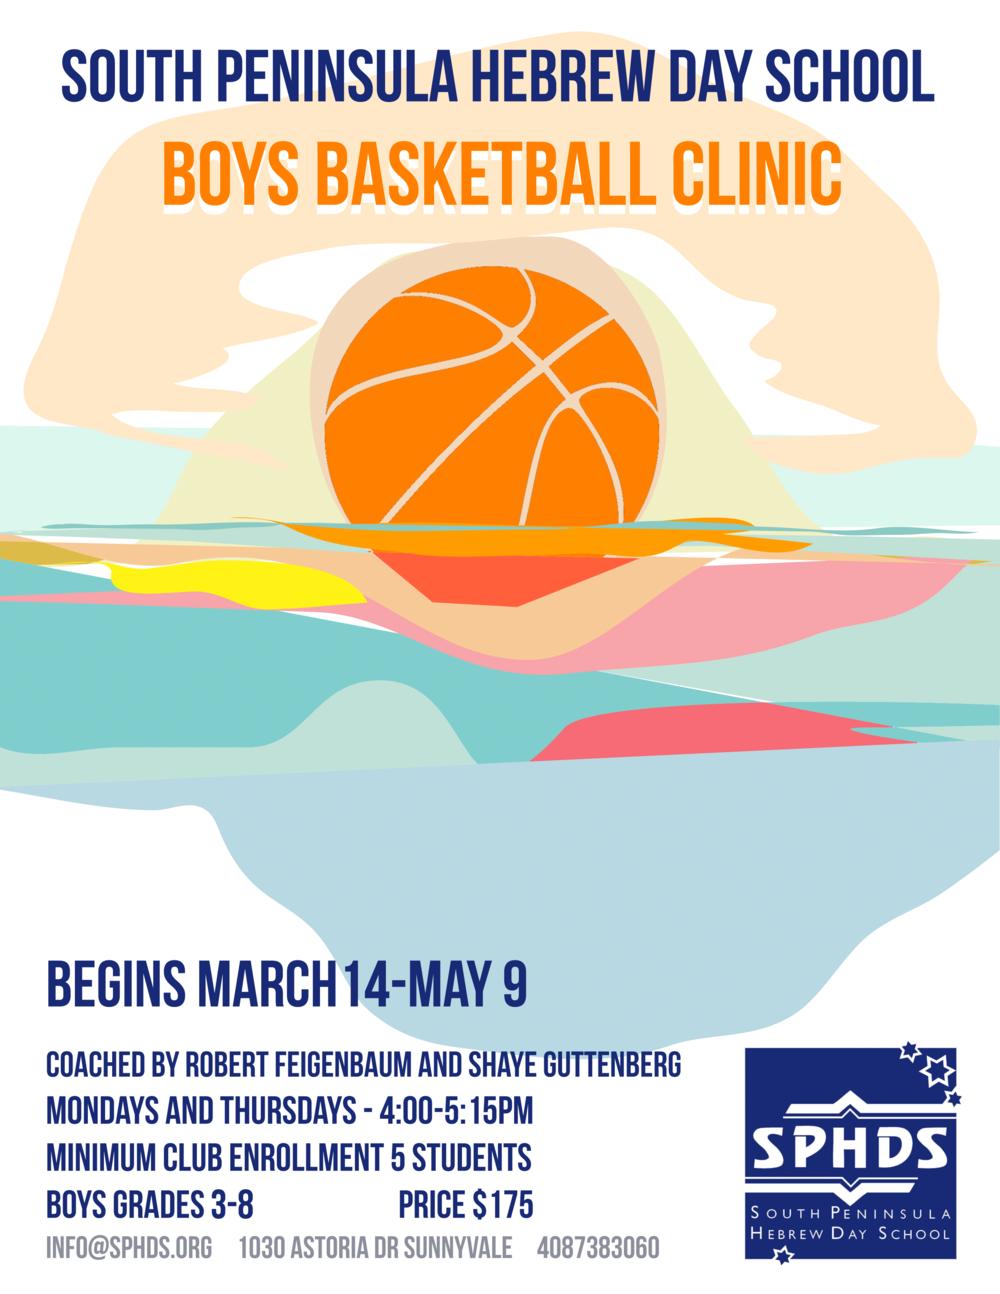 Adobe illustrator flyer for SPHDS Boys Basketball 2016